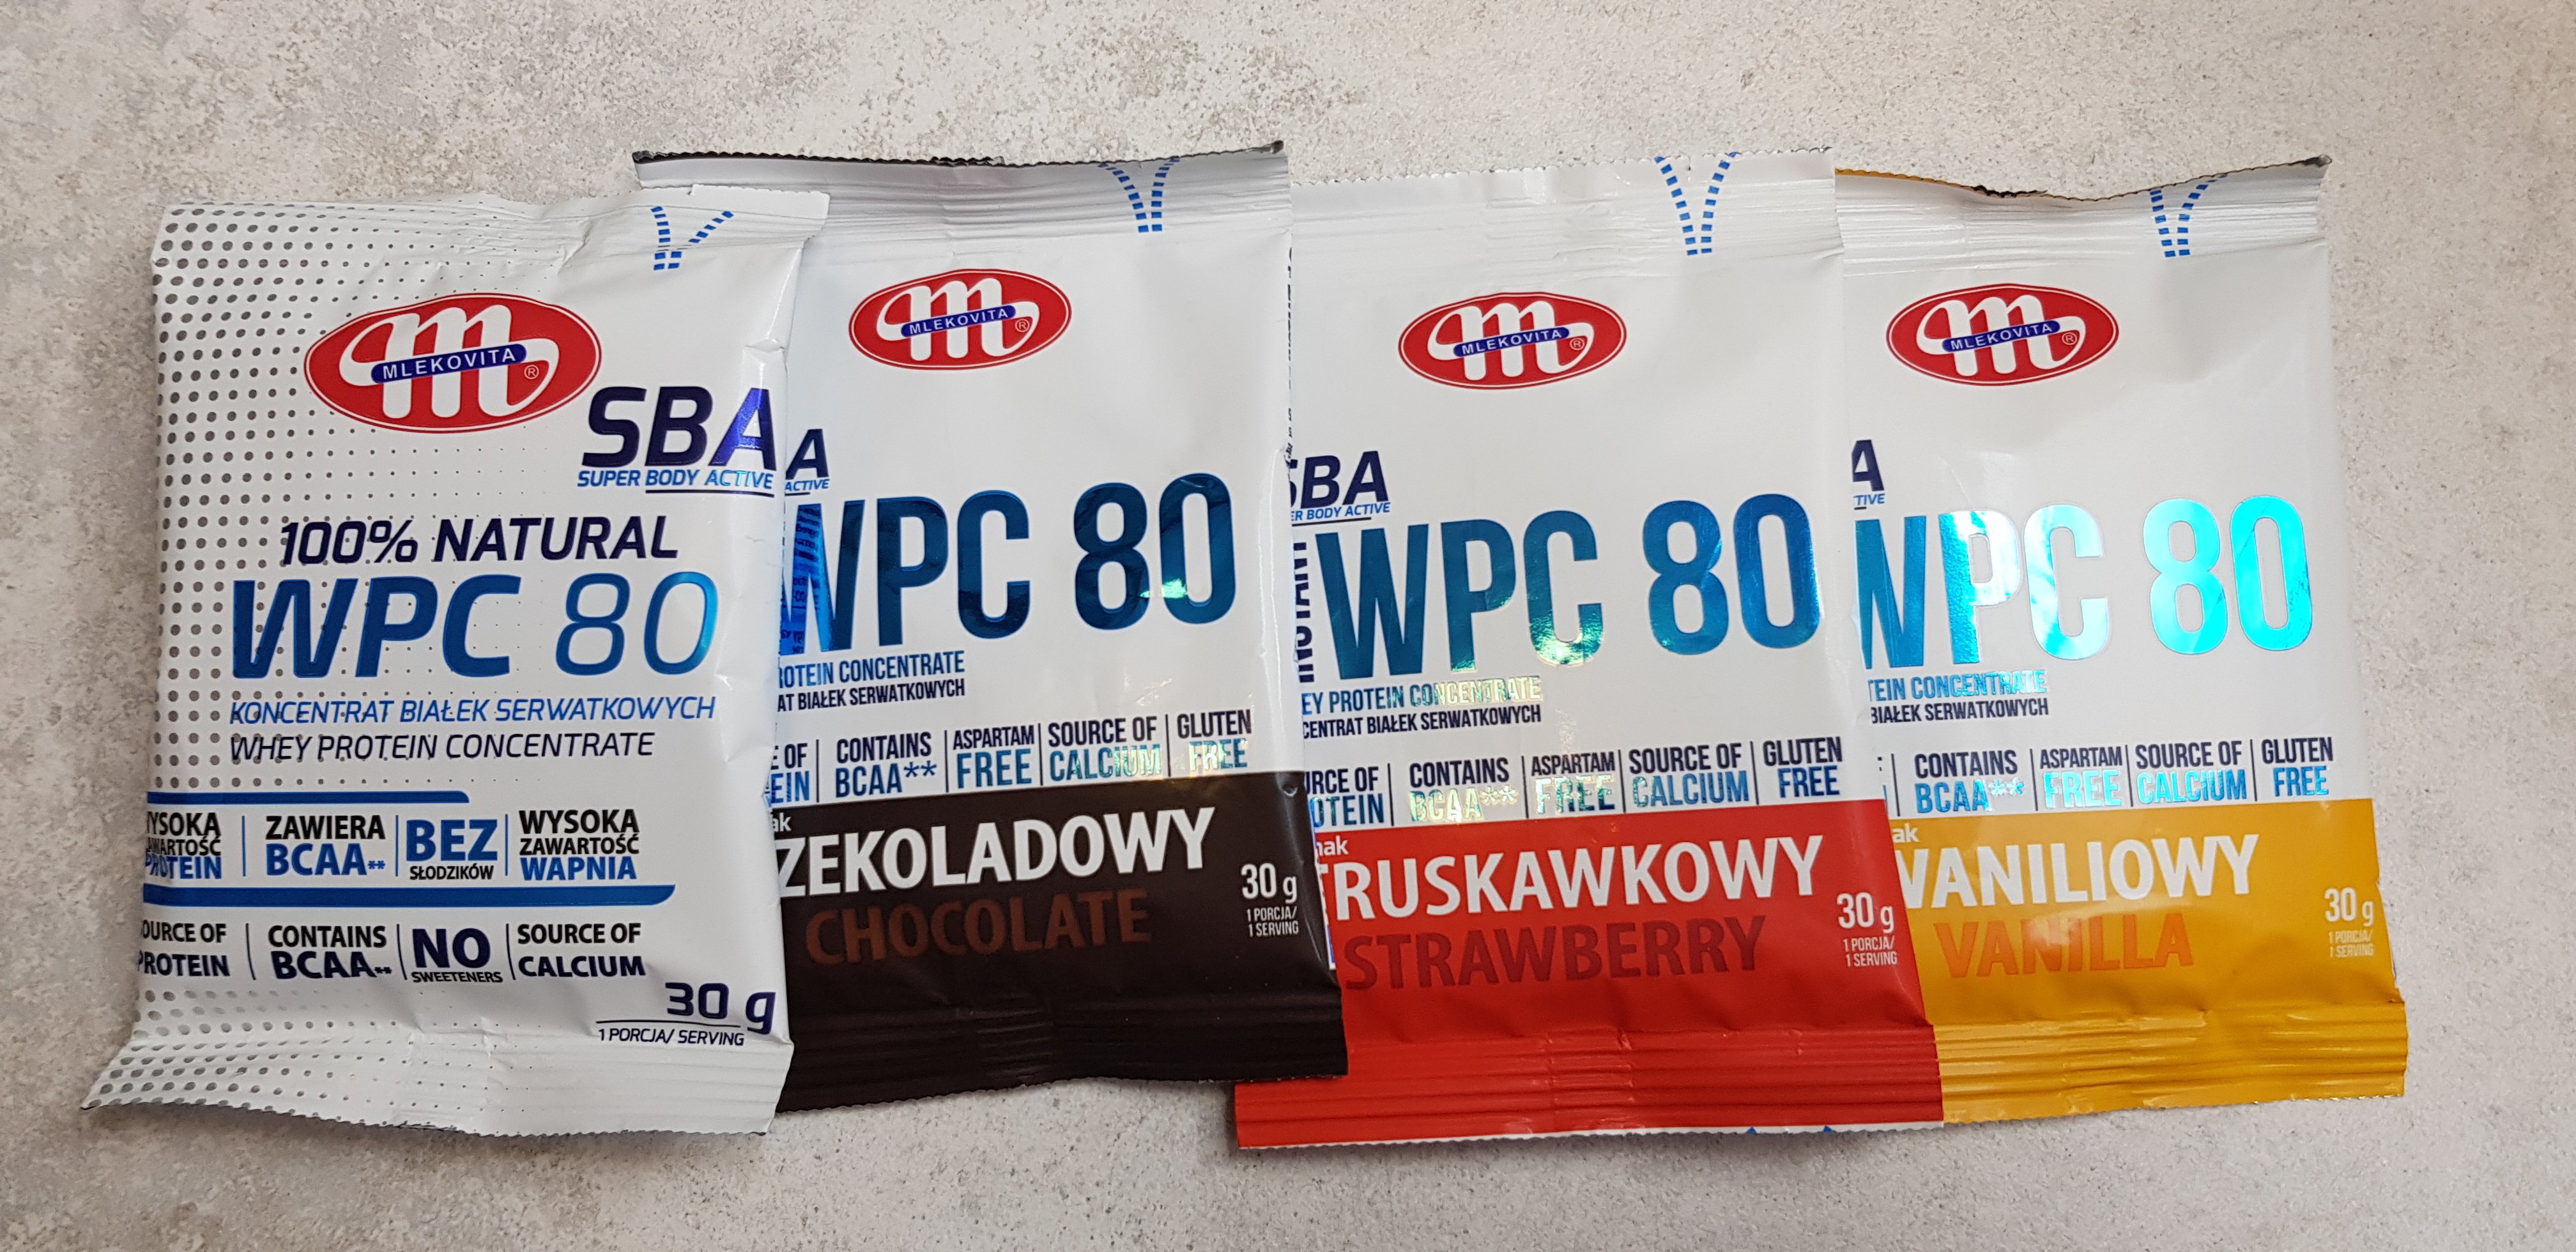 Mlekovita WPC 80 wszystkie smaki